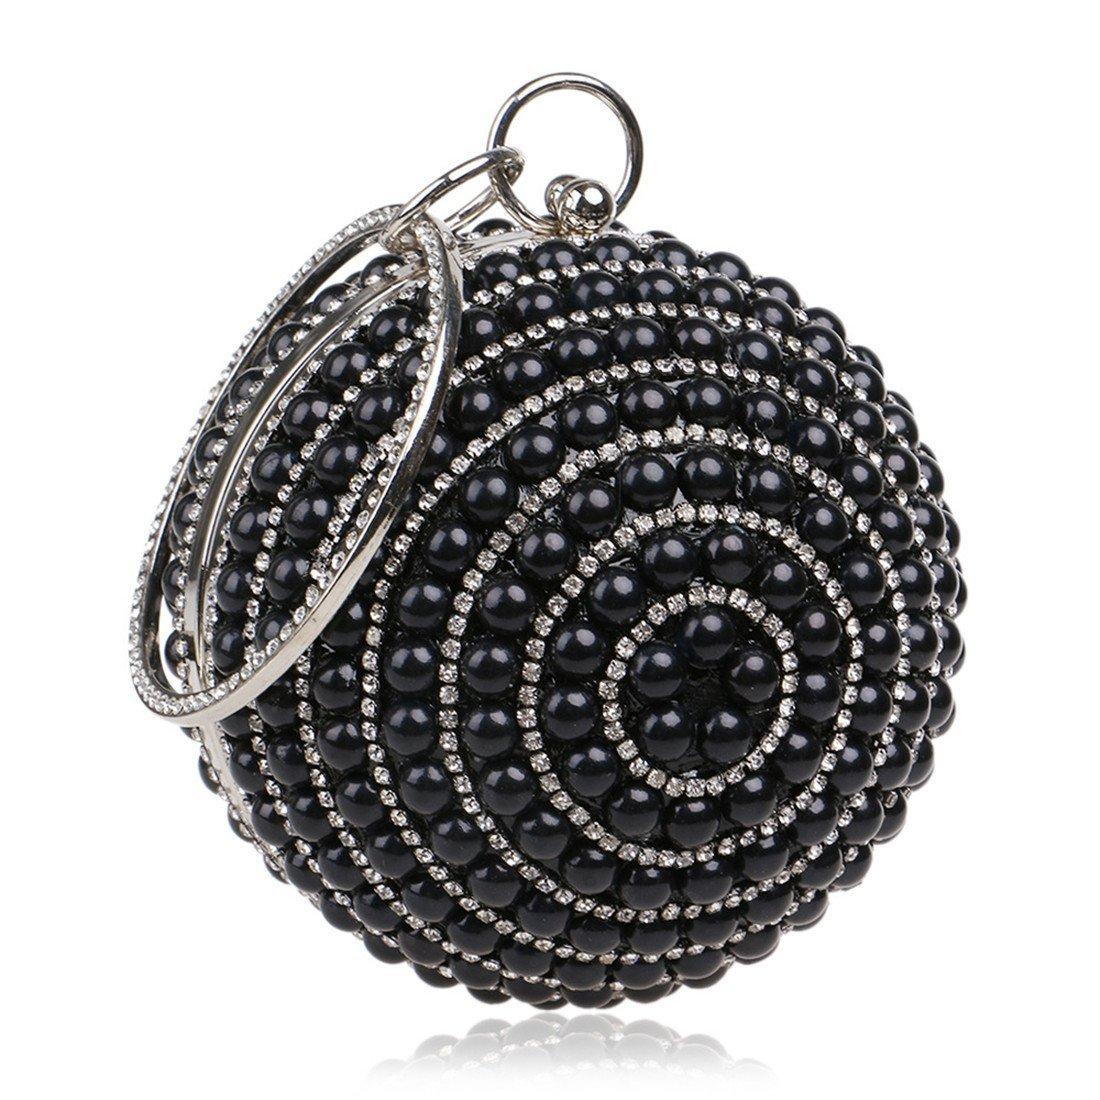 Plsonk Unterarmtasche Frauen Perle Handtasche Ball Clutch Geldbörse Abend Abend Abend Party Kleid Tasche Abendessen Geldbörse (Farbe   Silber) B07PM6RWGV Geldbrsen 821349